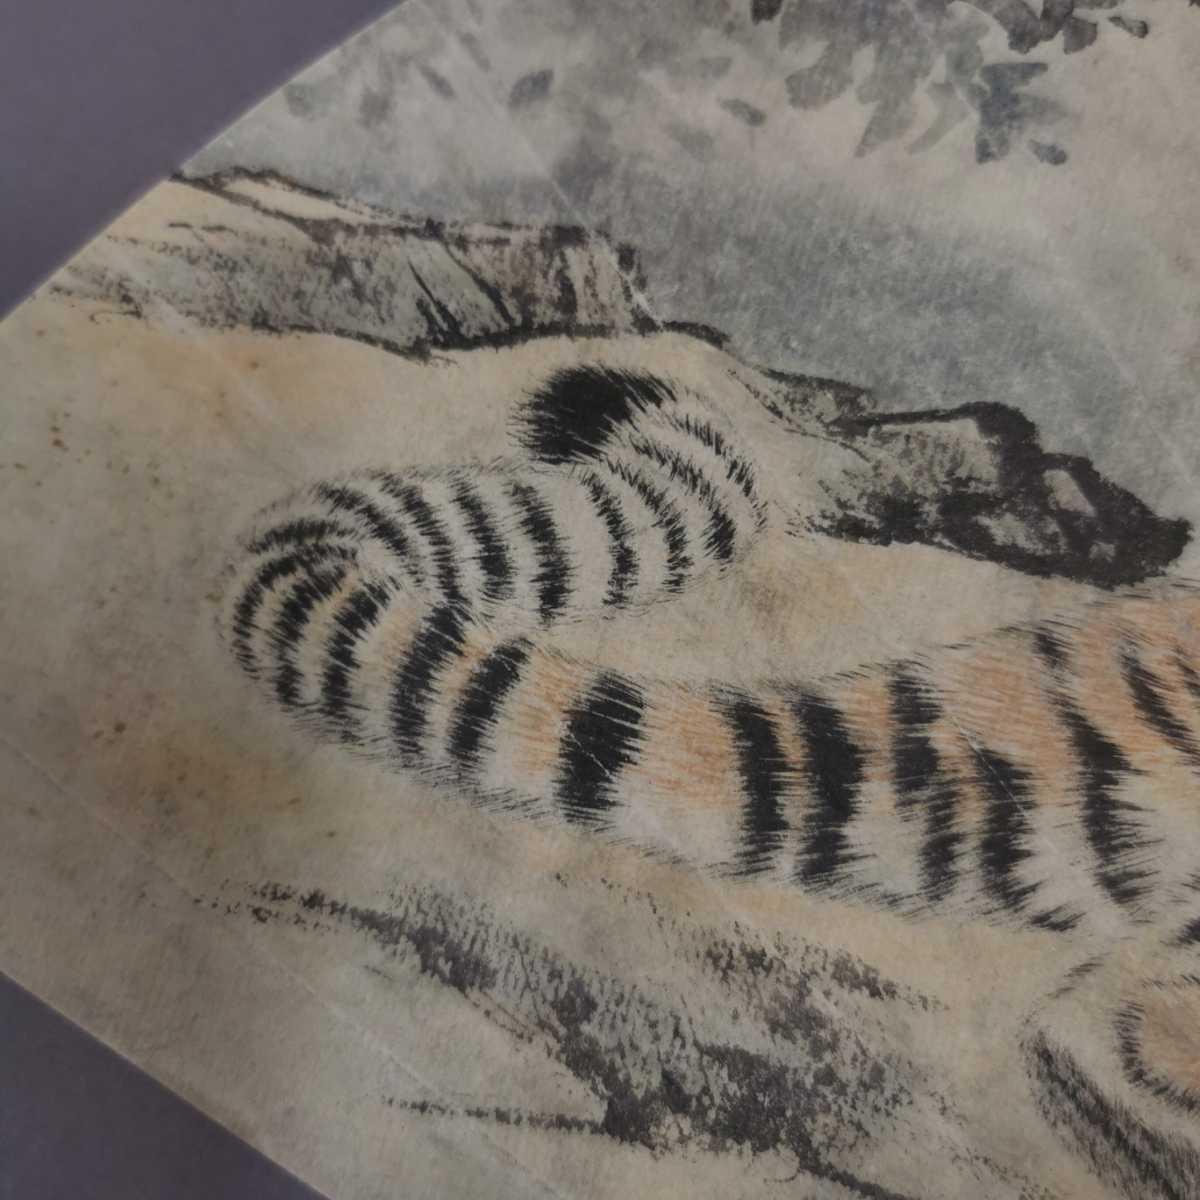 中国美術 扇面 掛軸 虎図 紙本 肉筆保証 掛け軸 時代物 在銘 中国古美術 唐物000307_画像5